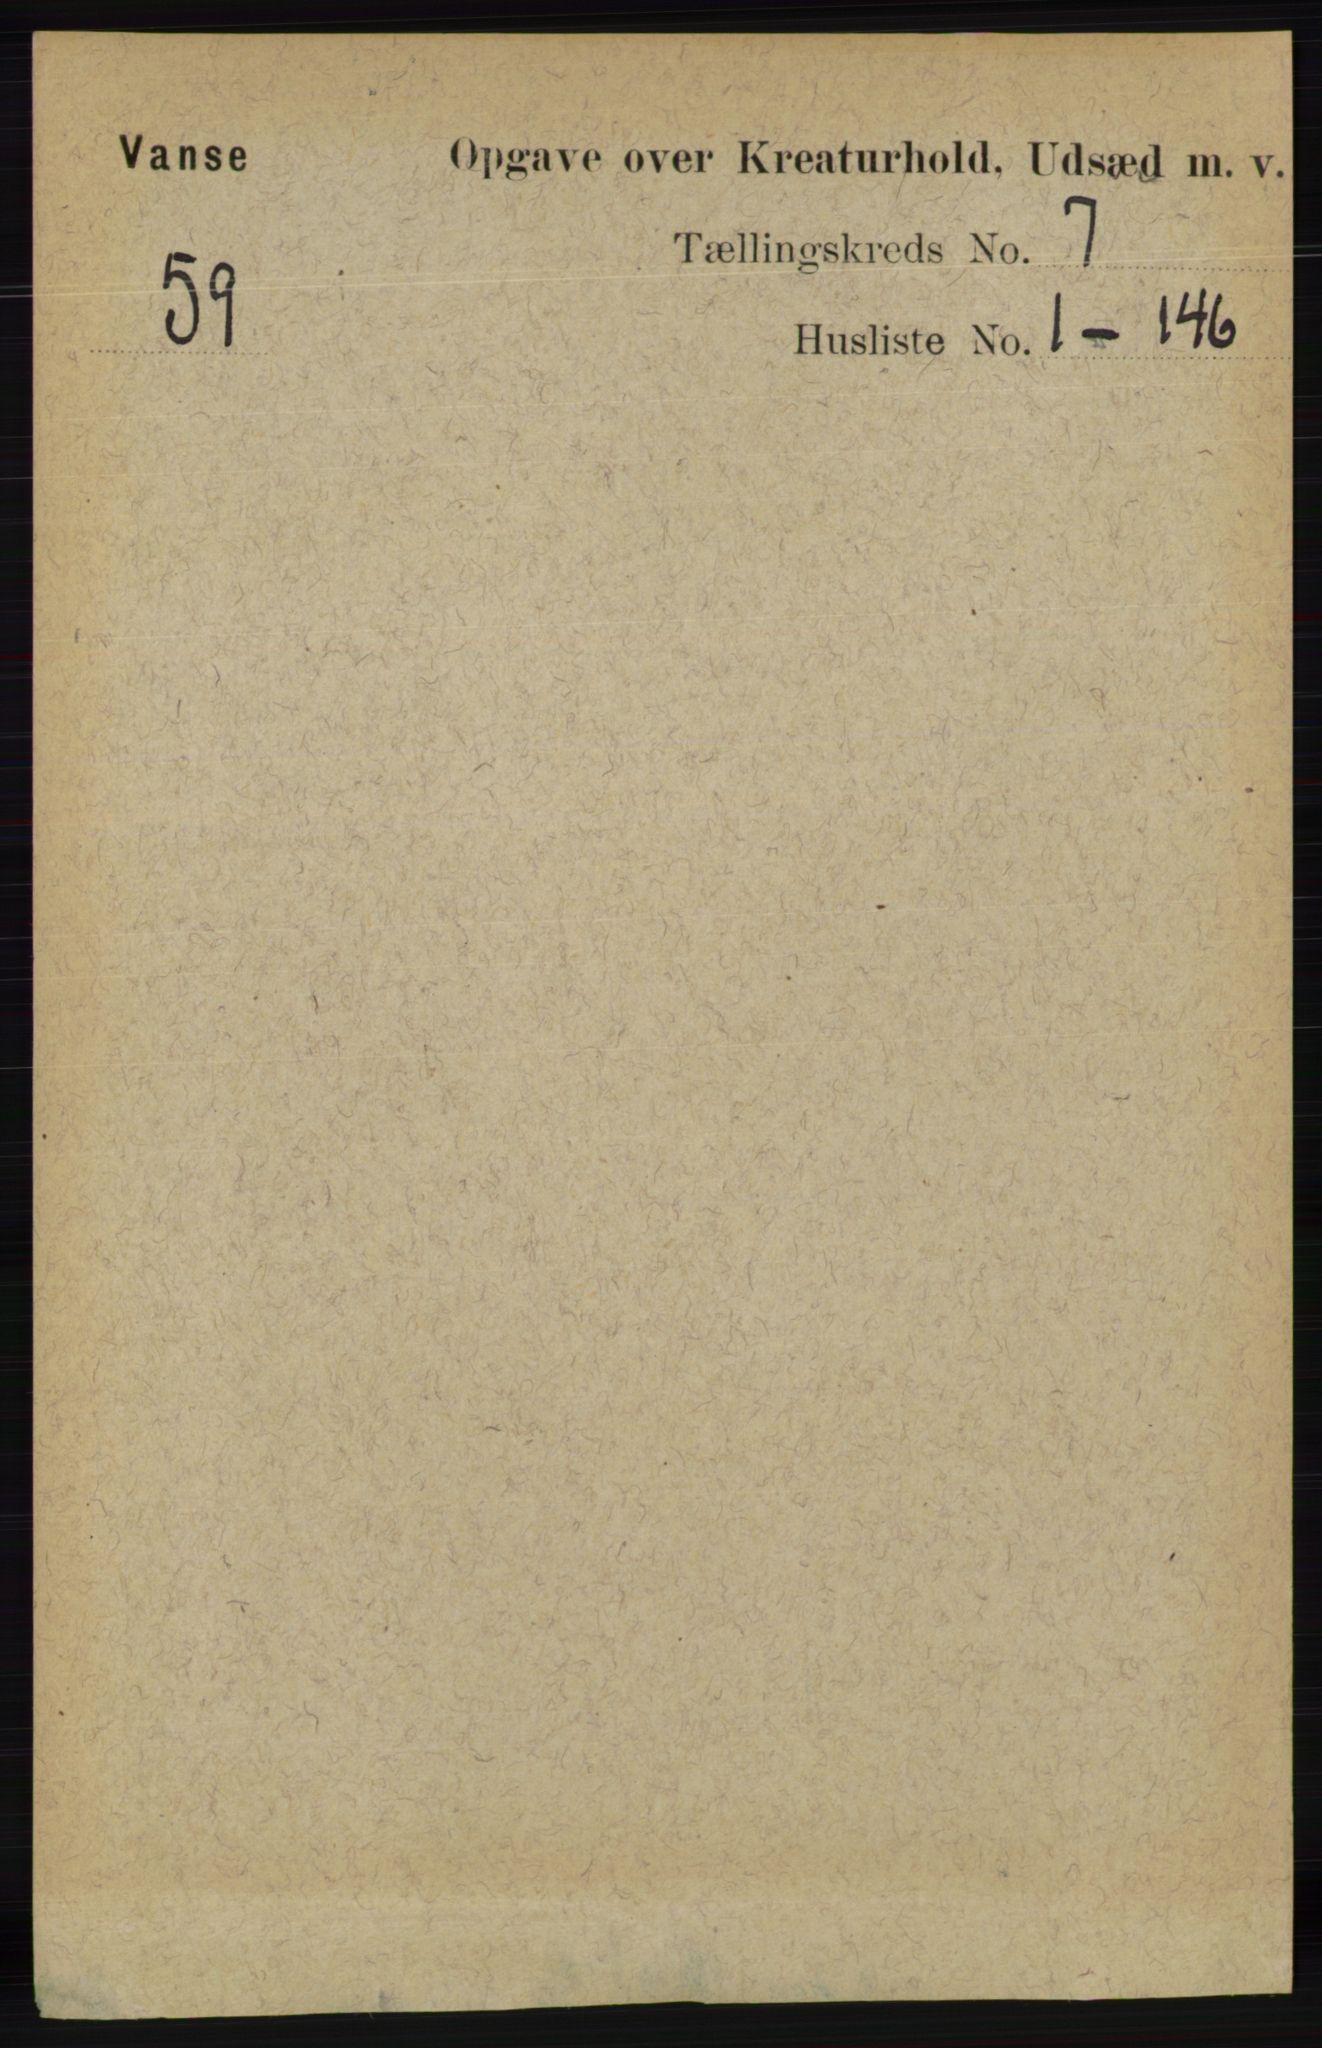 RA, Folketelling 1891 for 1041 Vanse herred, 1891, s. 9153